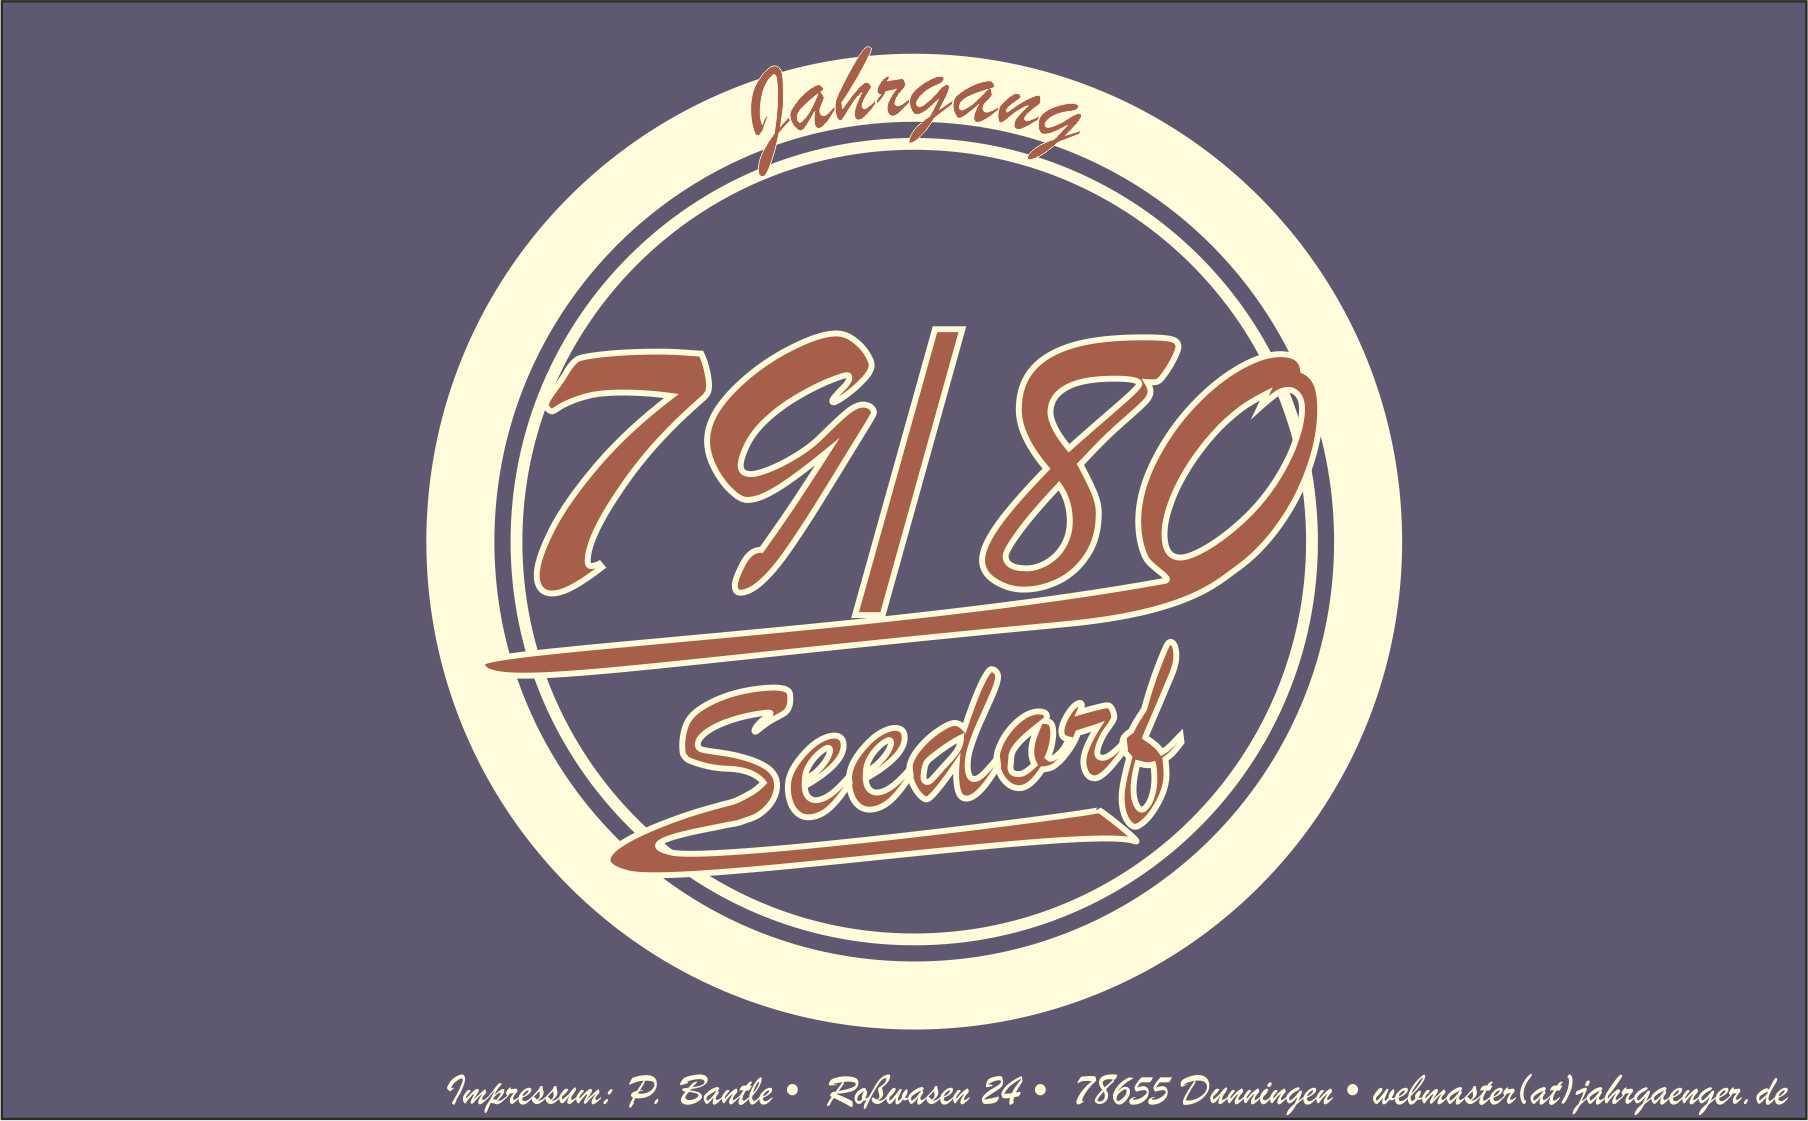 Jahrgangsseite Jahrgang 1979 / 80 Seedorf